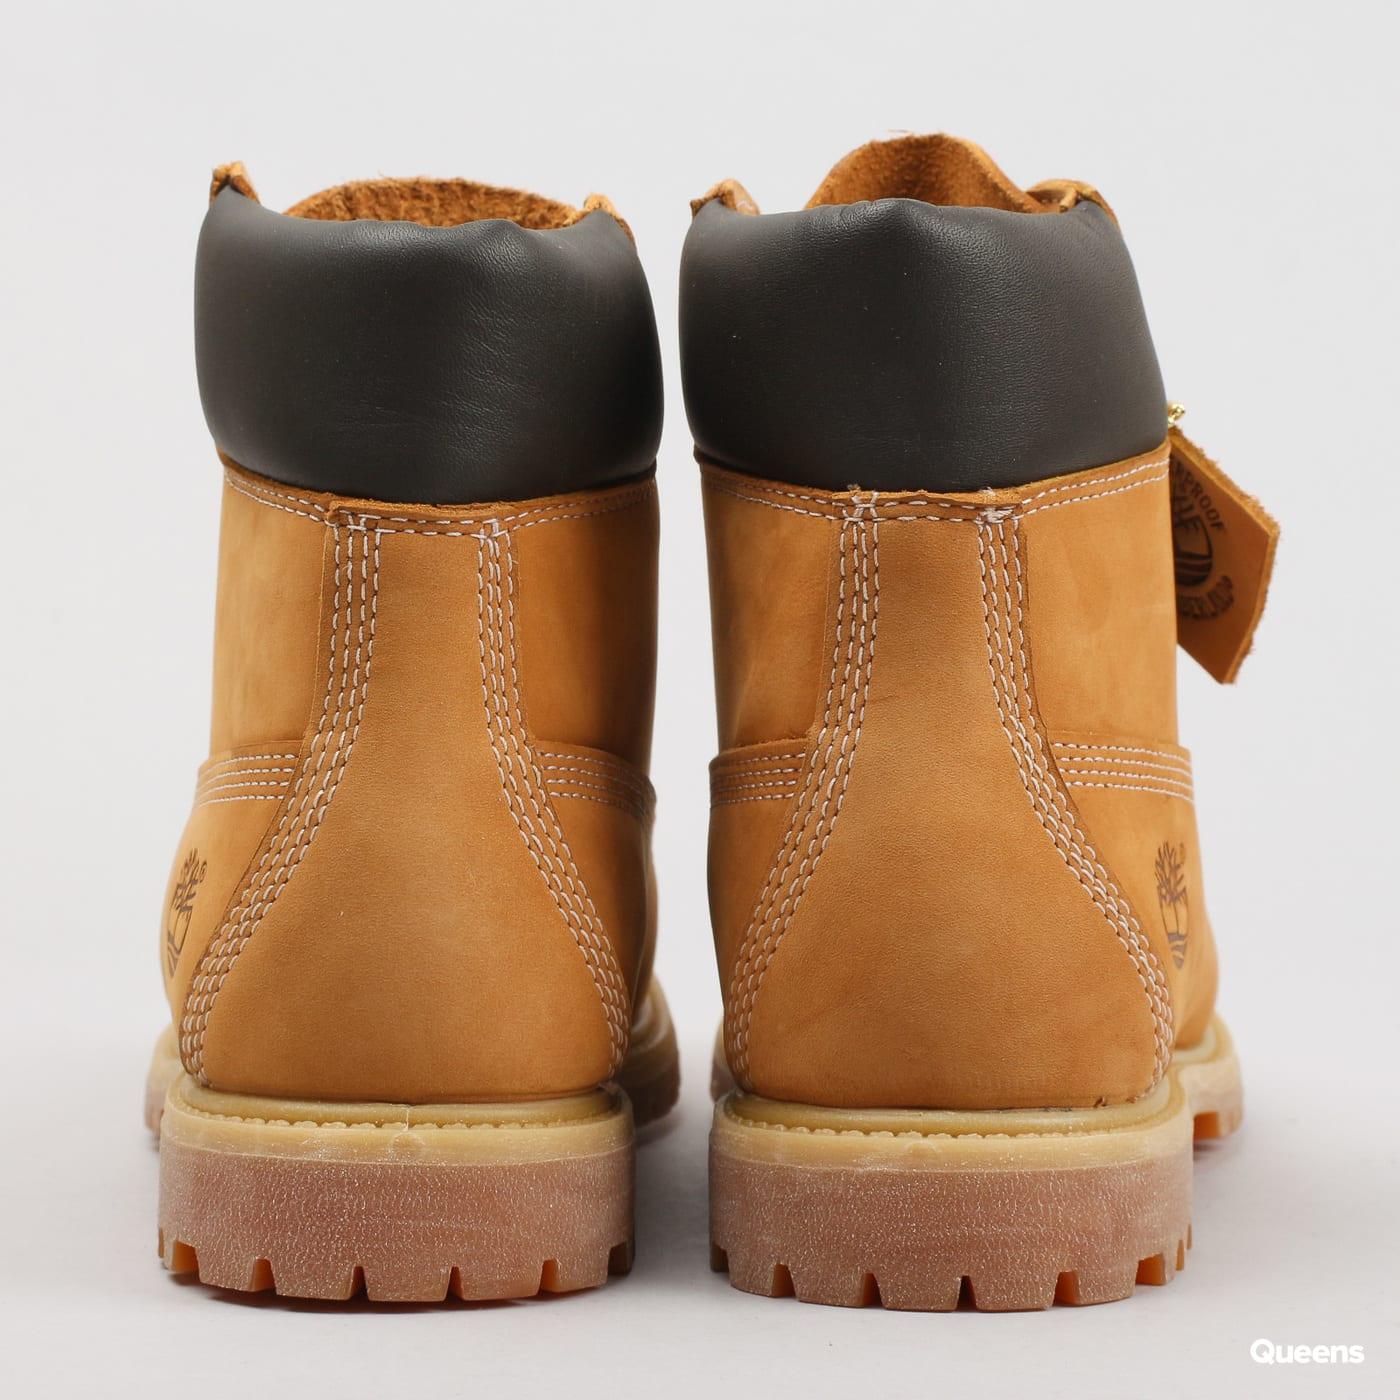 Timberland 6in Premium Boot - W wheat waterbuck